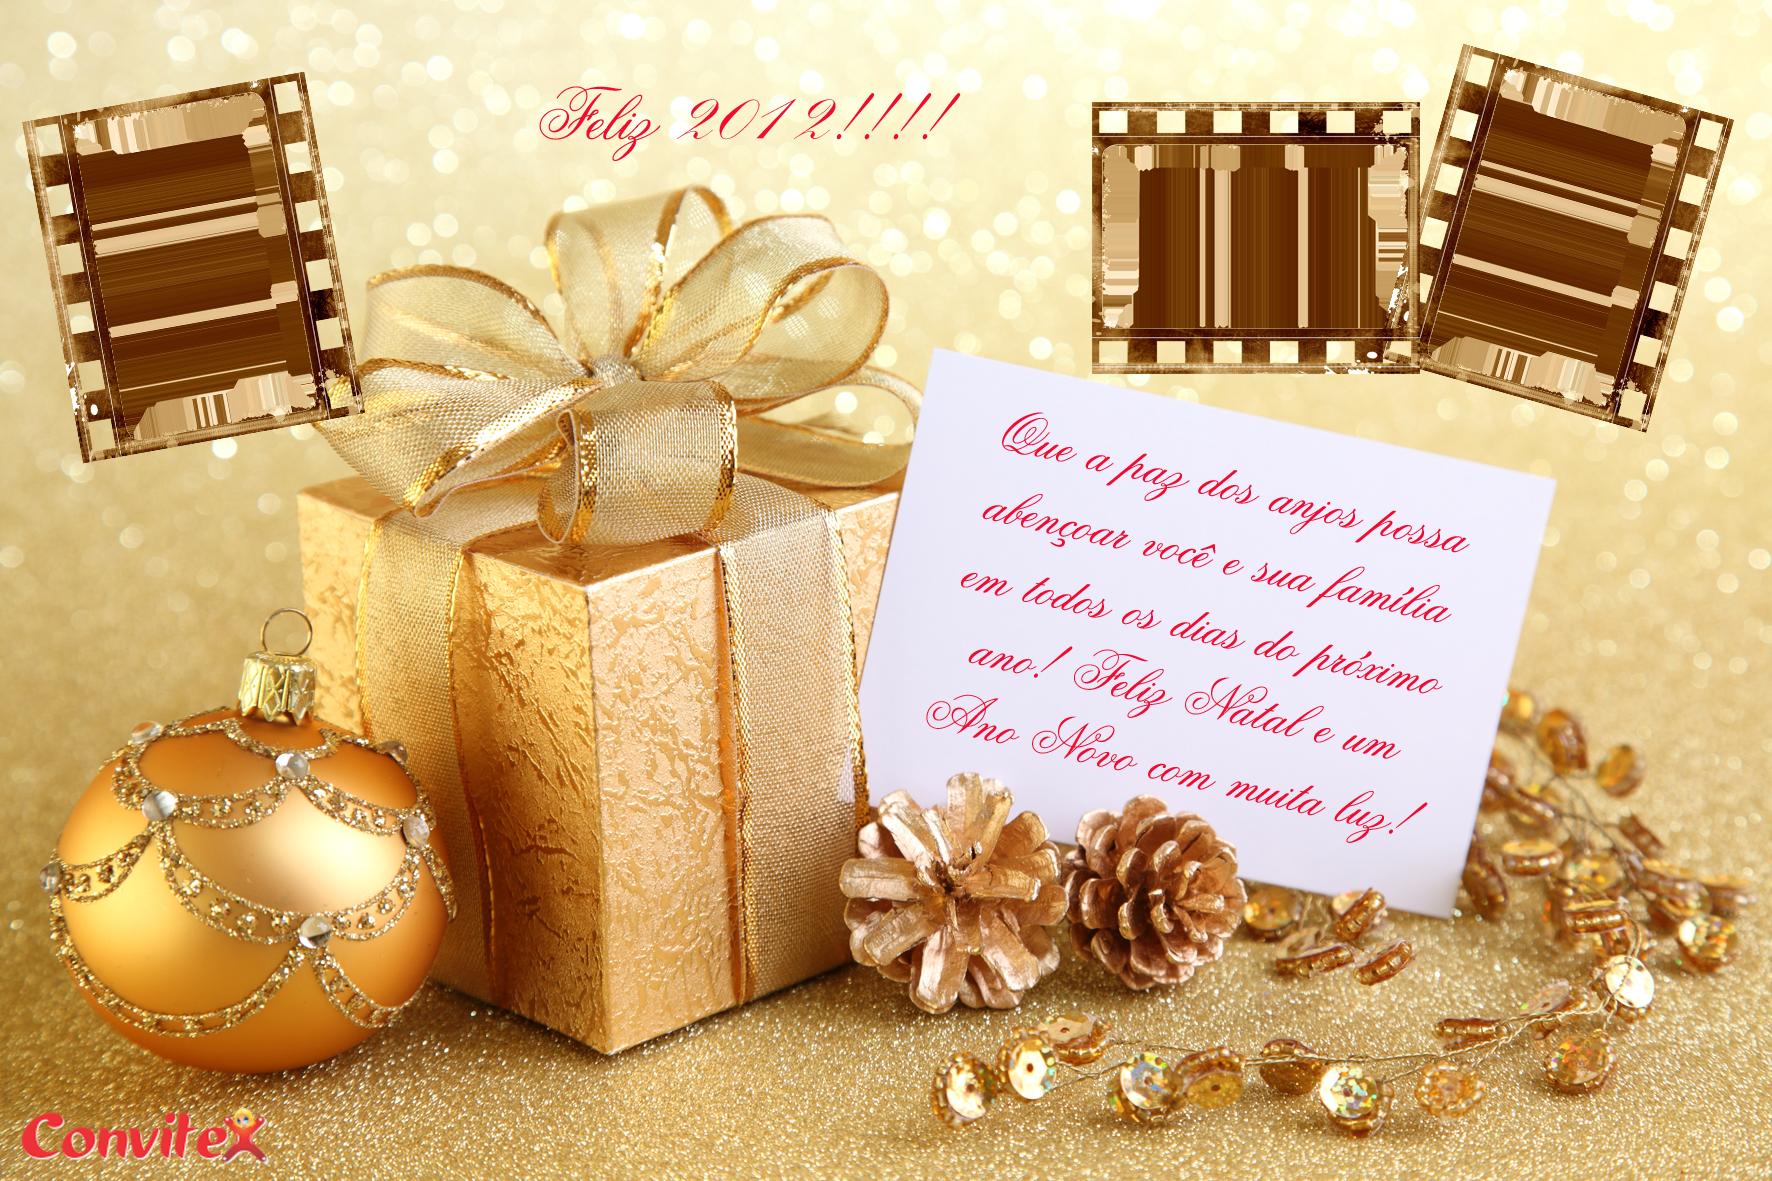 Cartão De Natal Pronto Para Imprimir Convitex Página 2